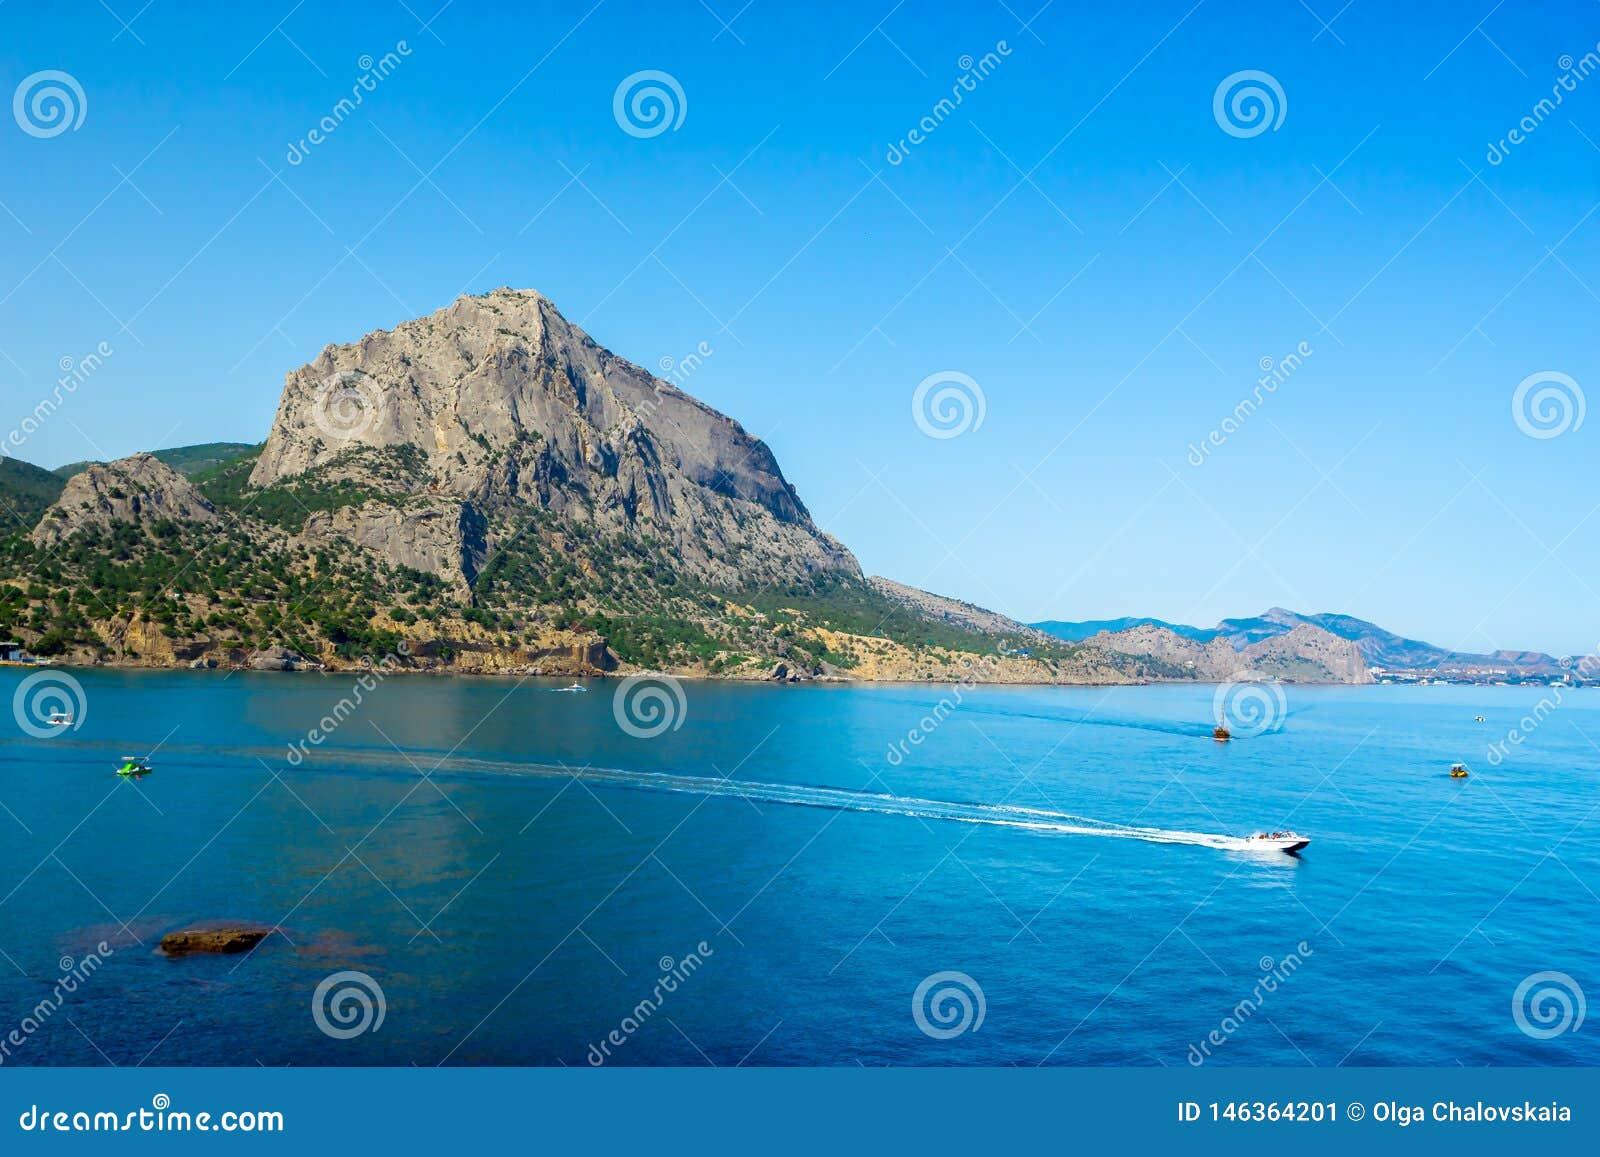 从海岸线和天际,天空蔚蓝的顶端看法